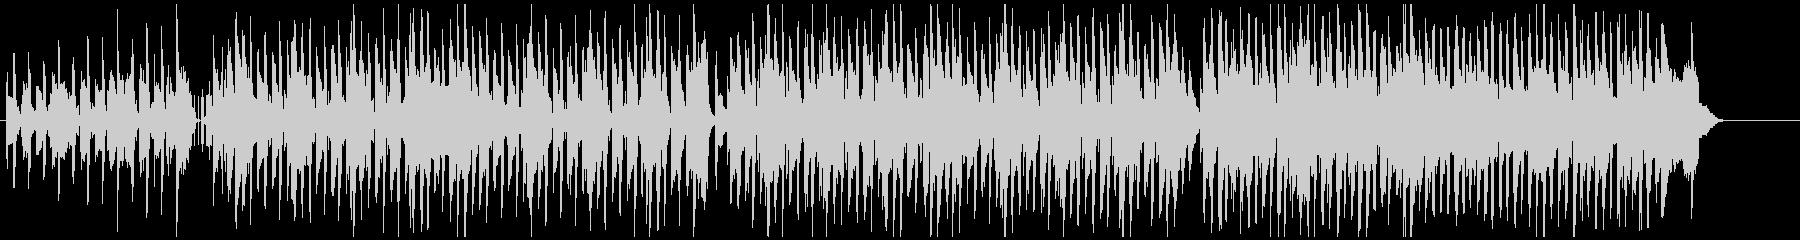 フュージョン ジャズ ハウス ダン...の未再生の波形